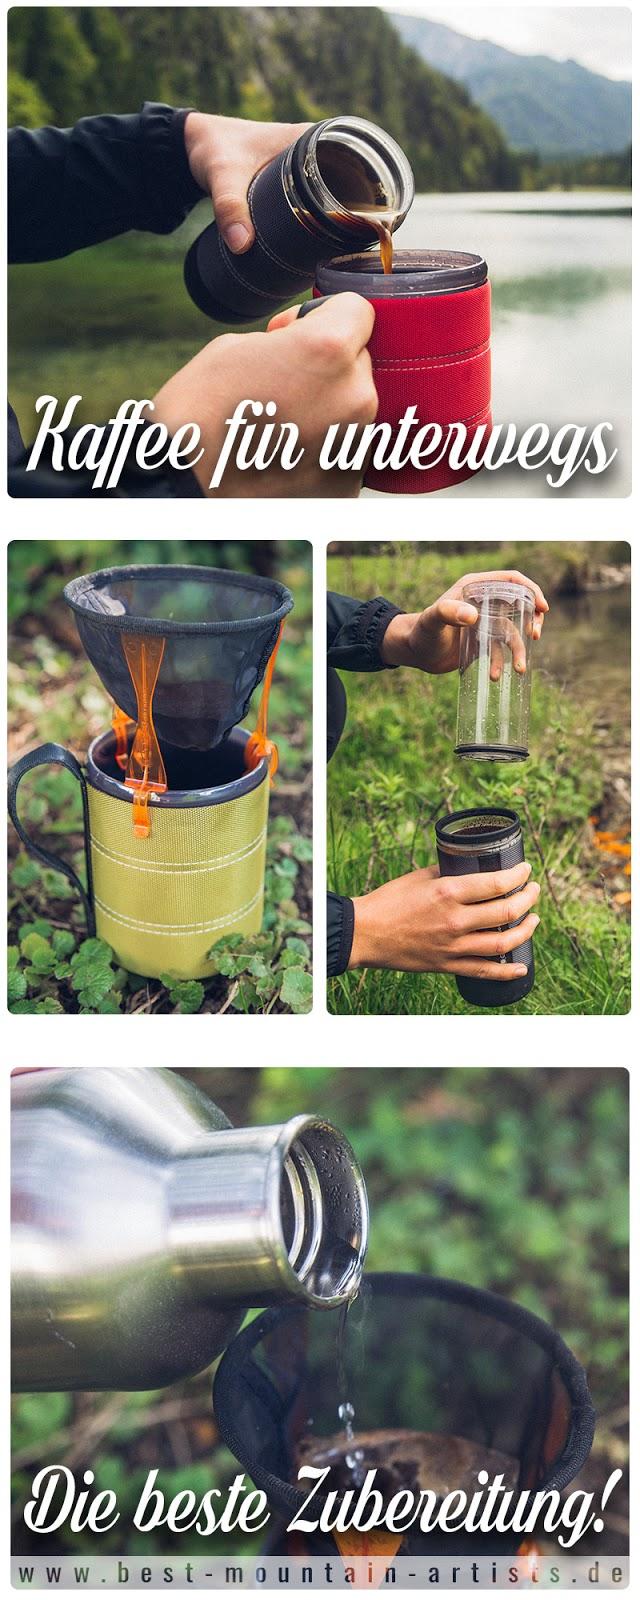 Kaffee für unterwegs  GSI Outdoors  Ultralight Javadrip  Commuter Java Press  Infinity Backpacker Mug 14